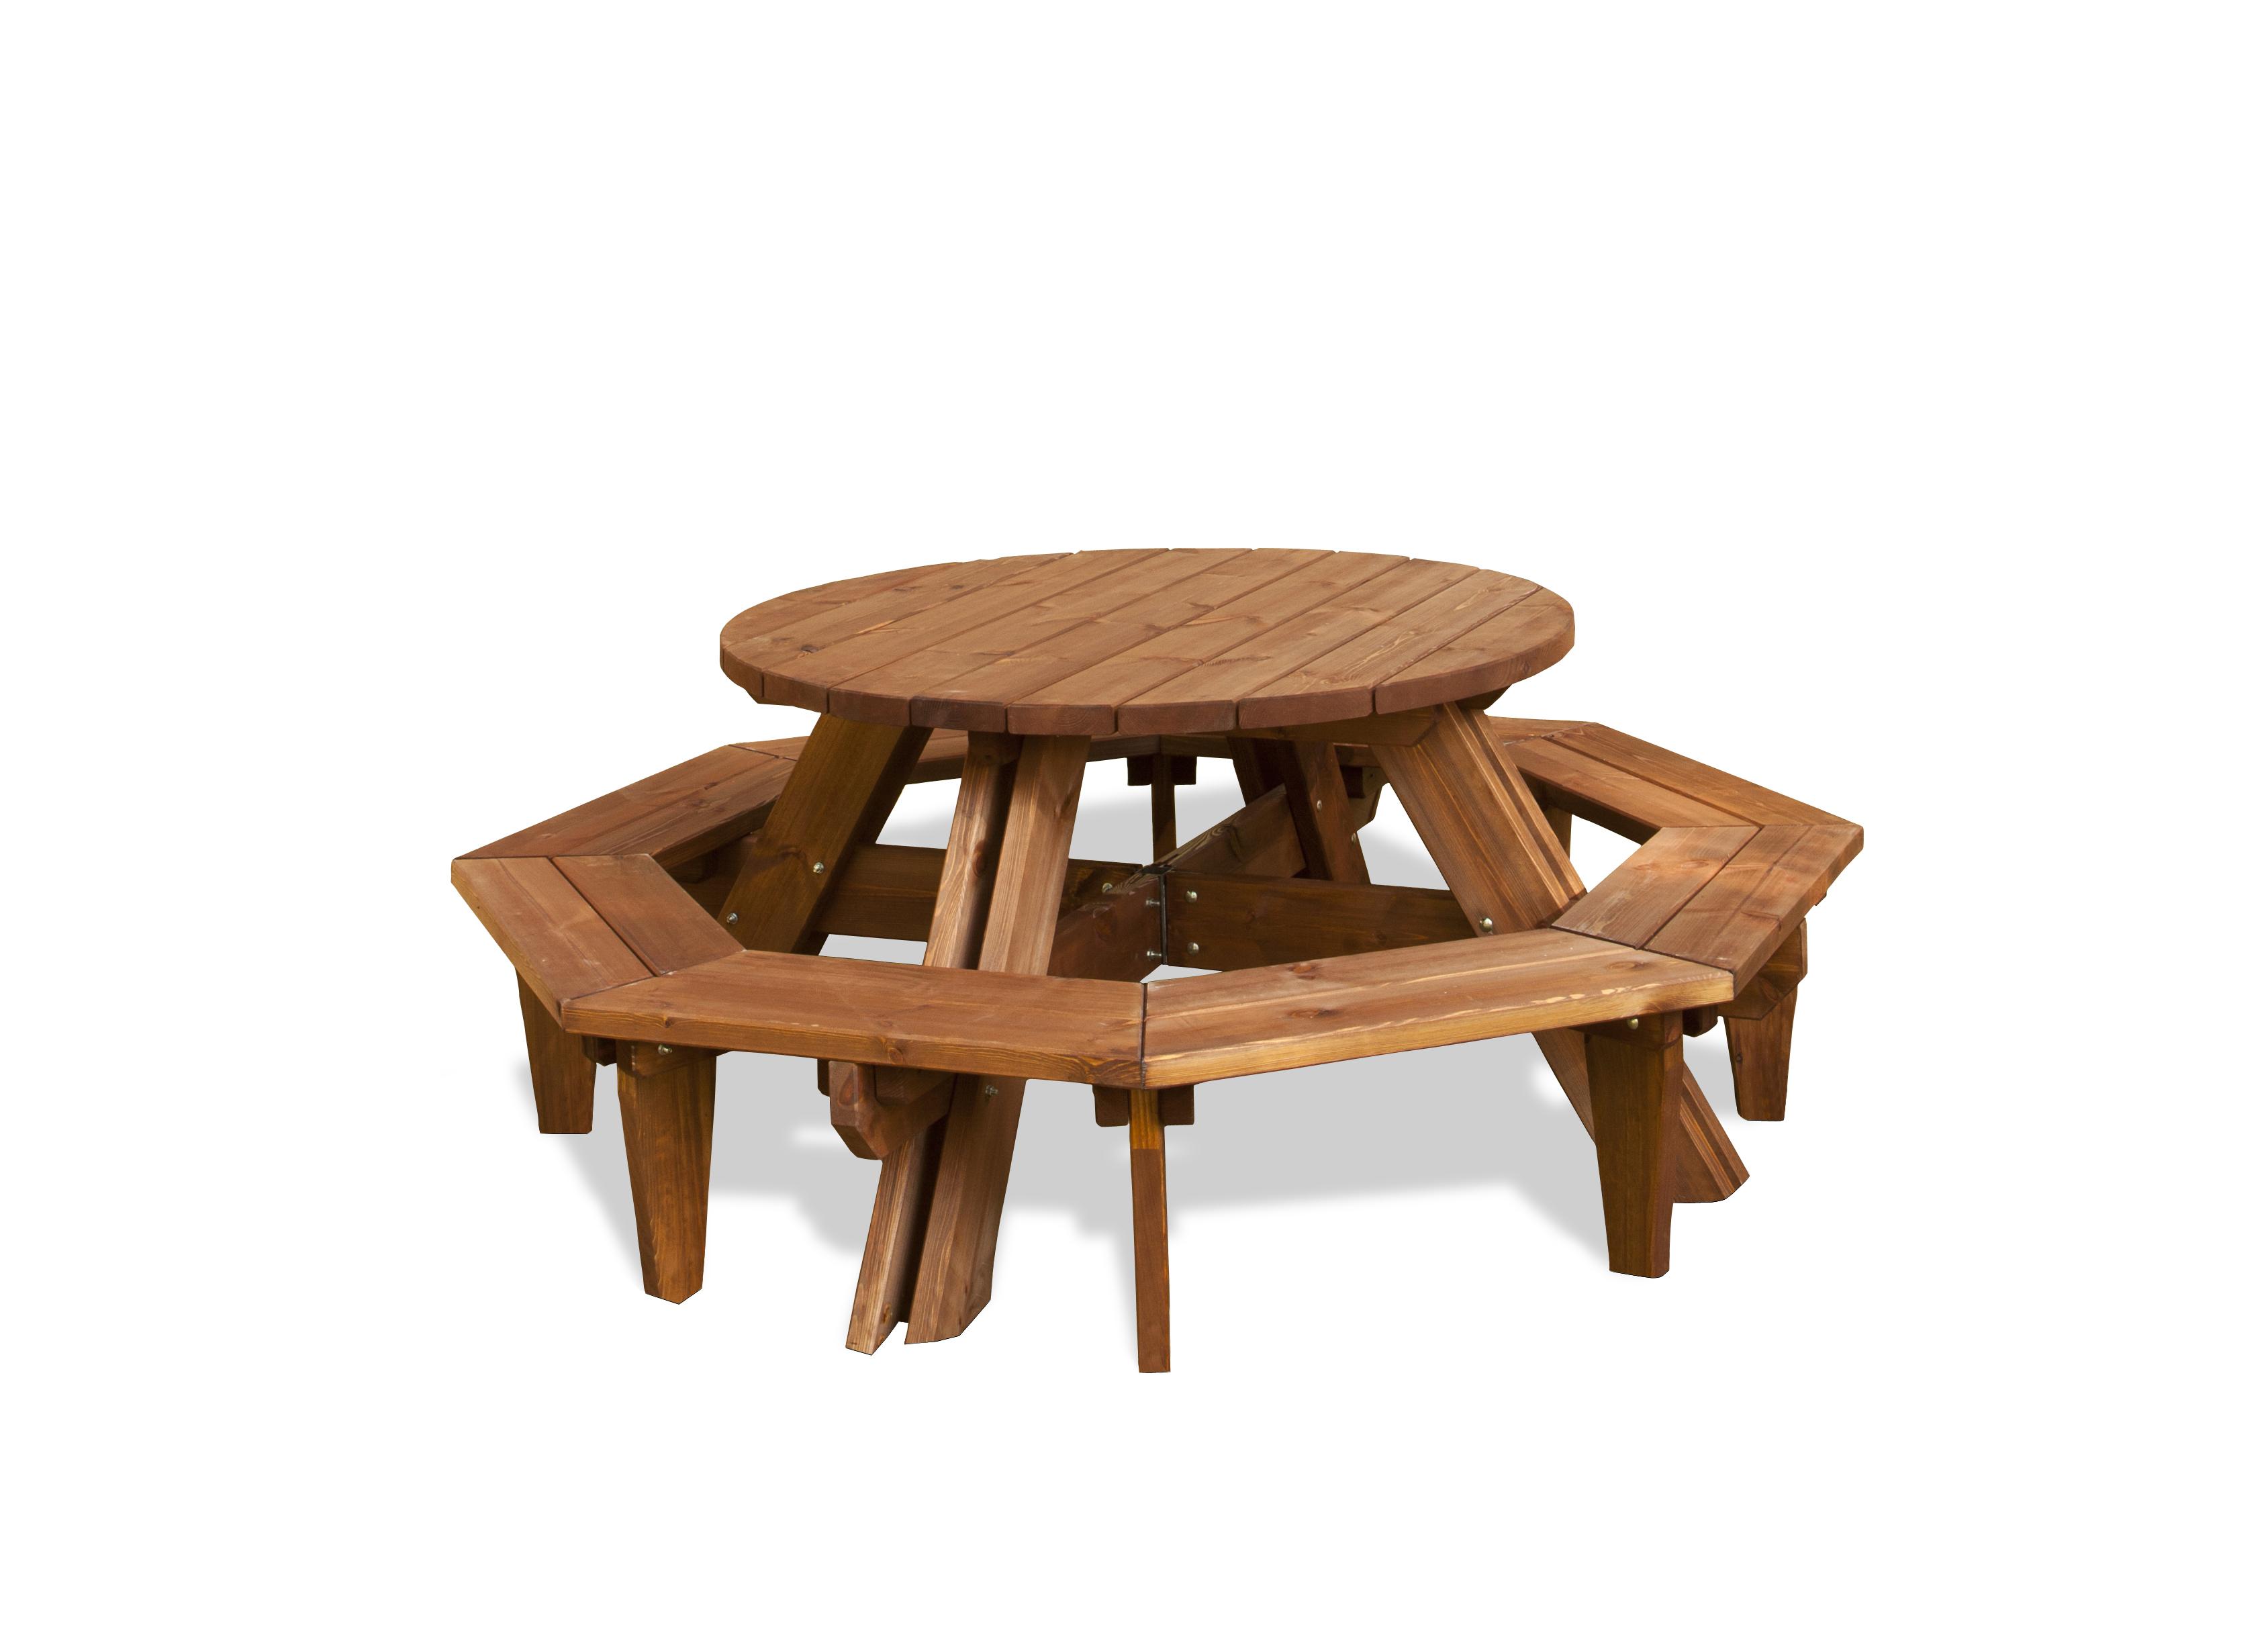 Mesa madera redonda jardin images for Mesa redonda de madera para cocina